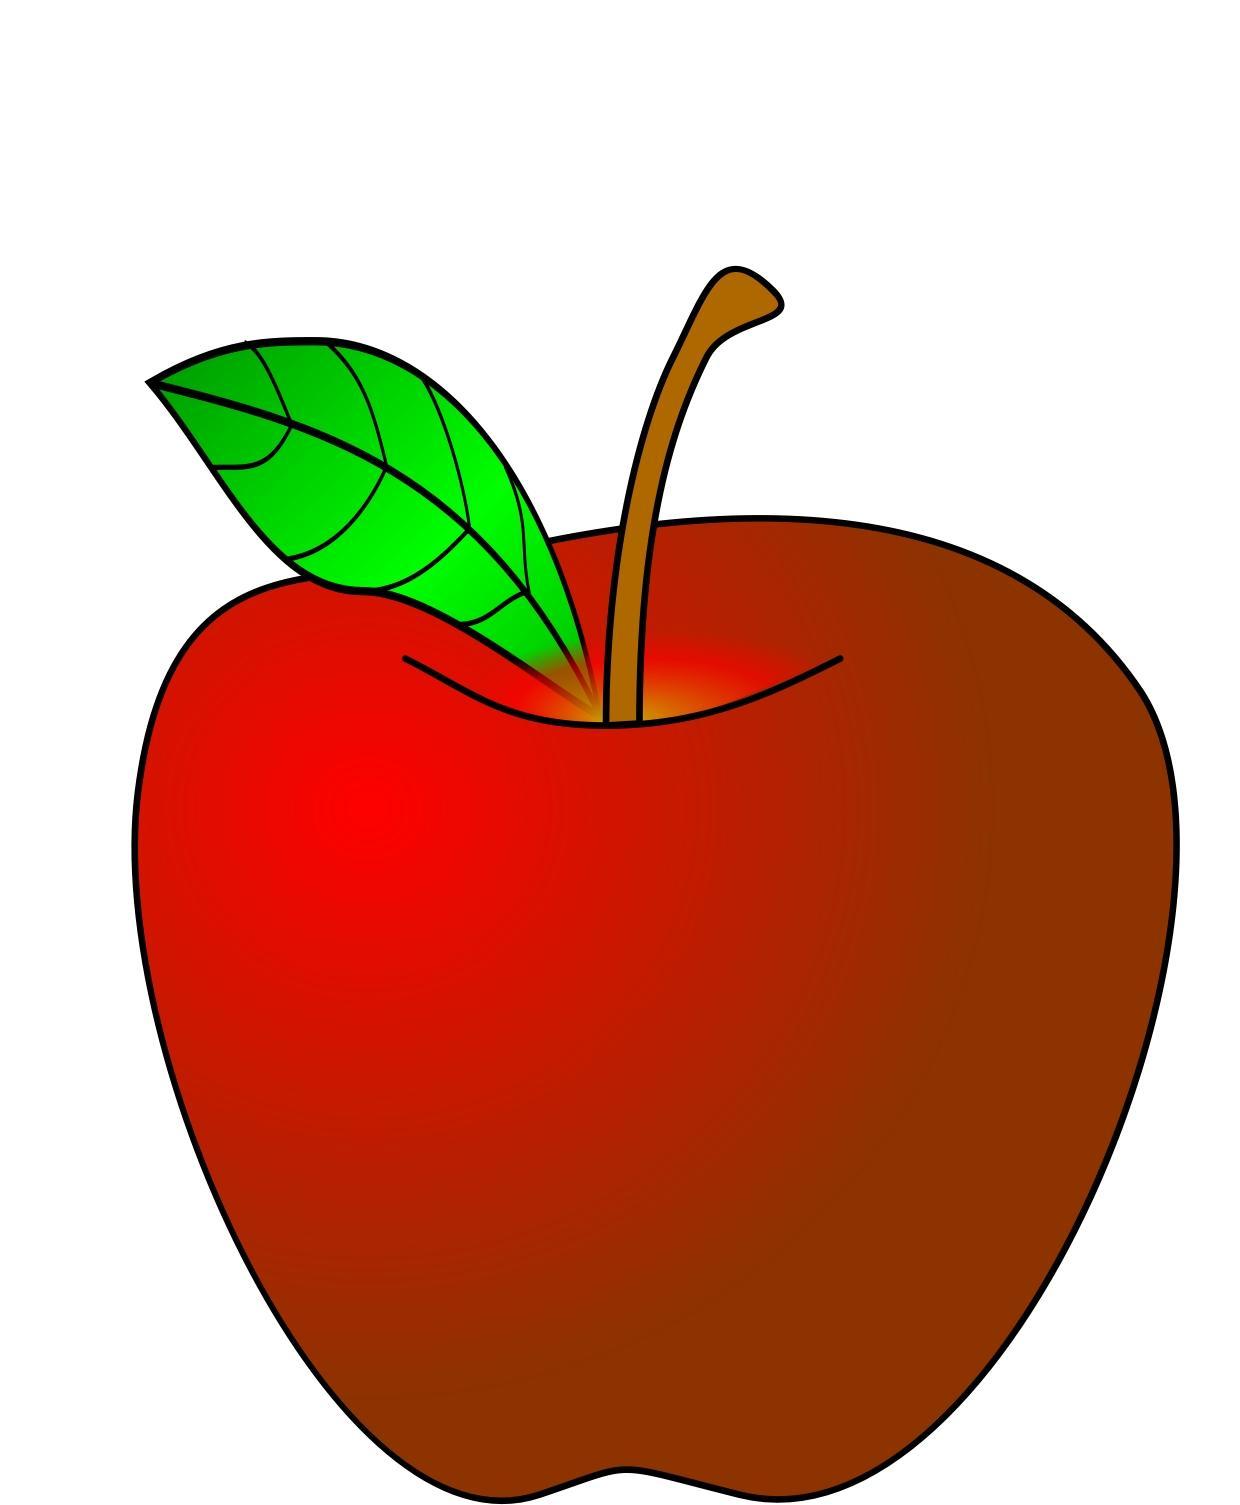 Afbeelding prent appel afb 16119 - Afbeelding in ...